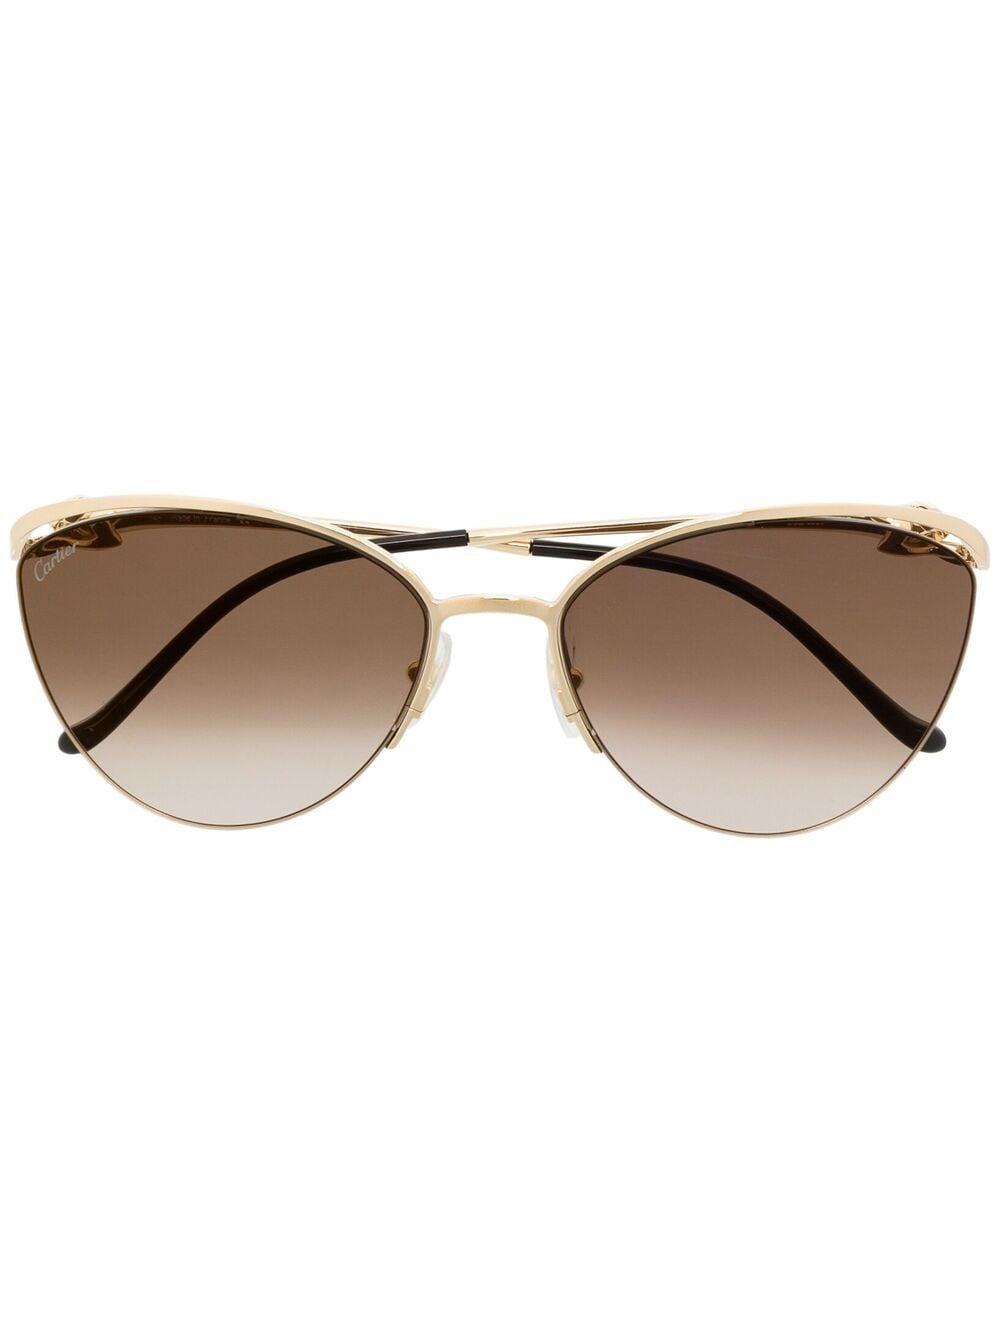 Cartier Eyewear Sonnenbrille mit Farbverlauf-Gläser - Braun